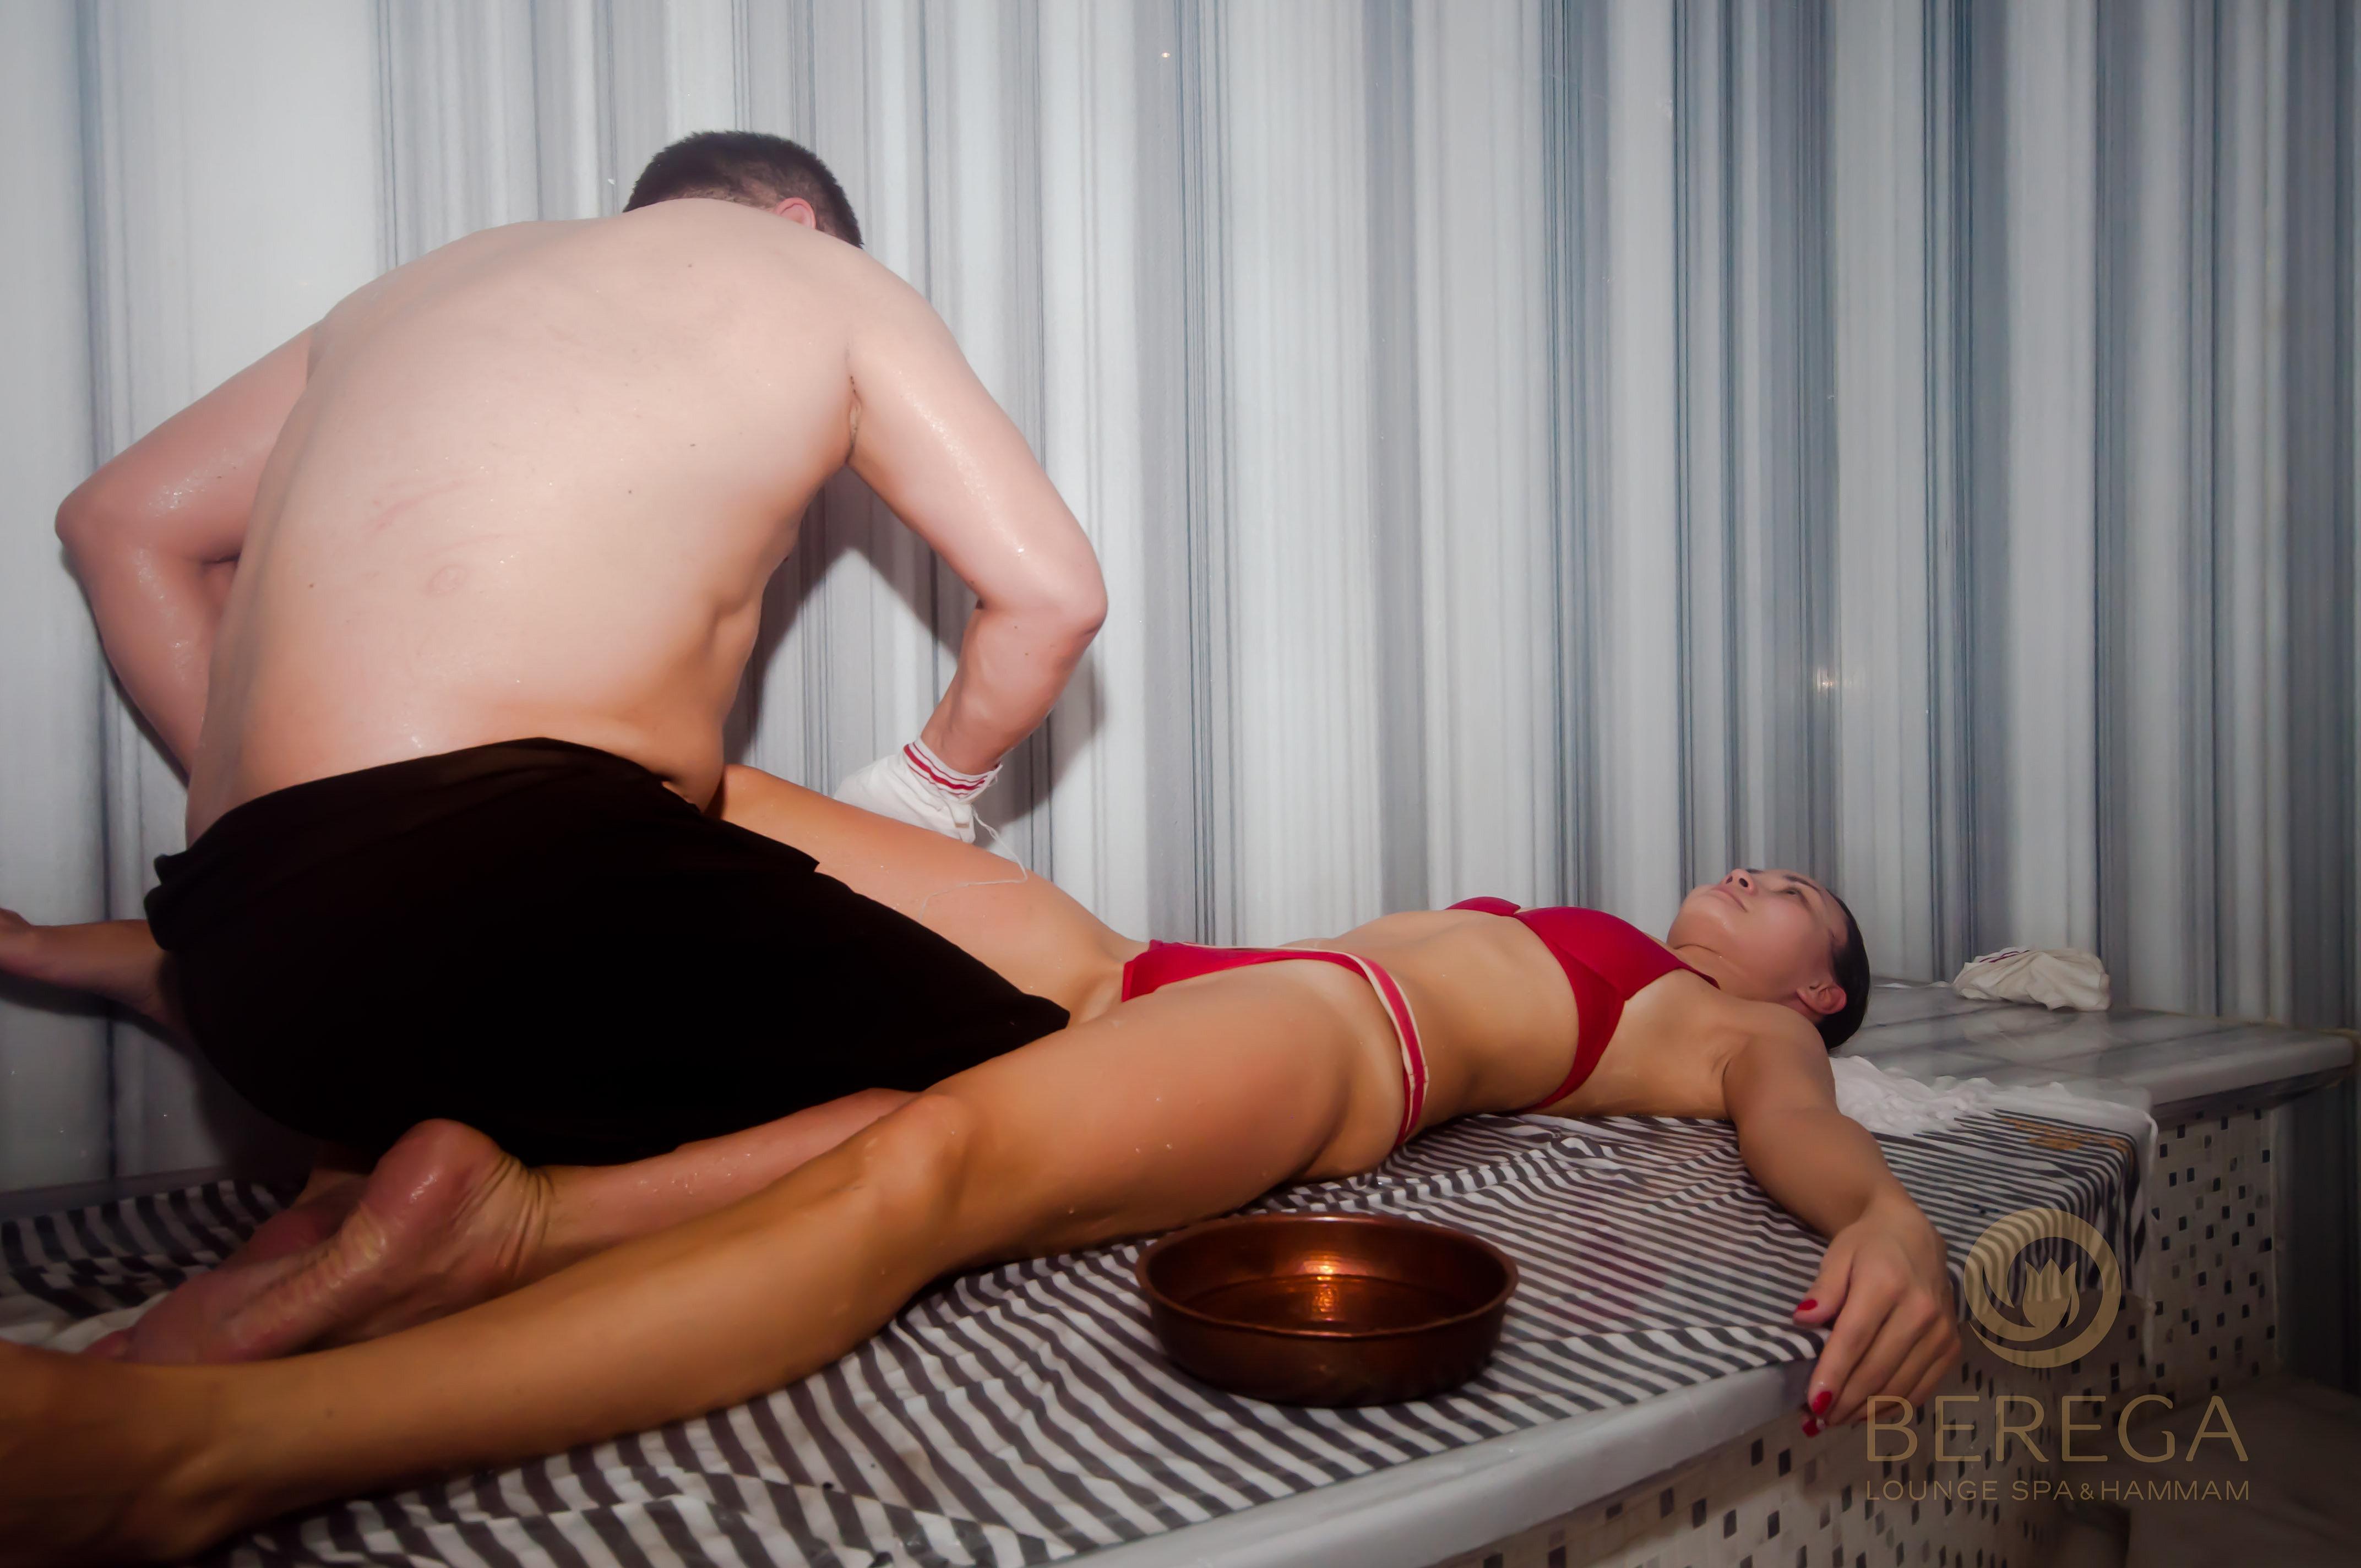 Эротический массаж в ясенево — photo 5